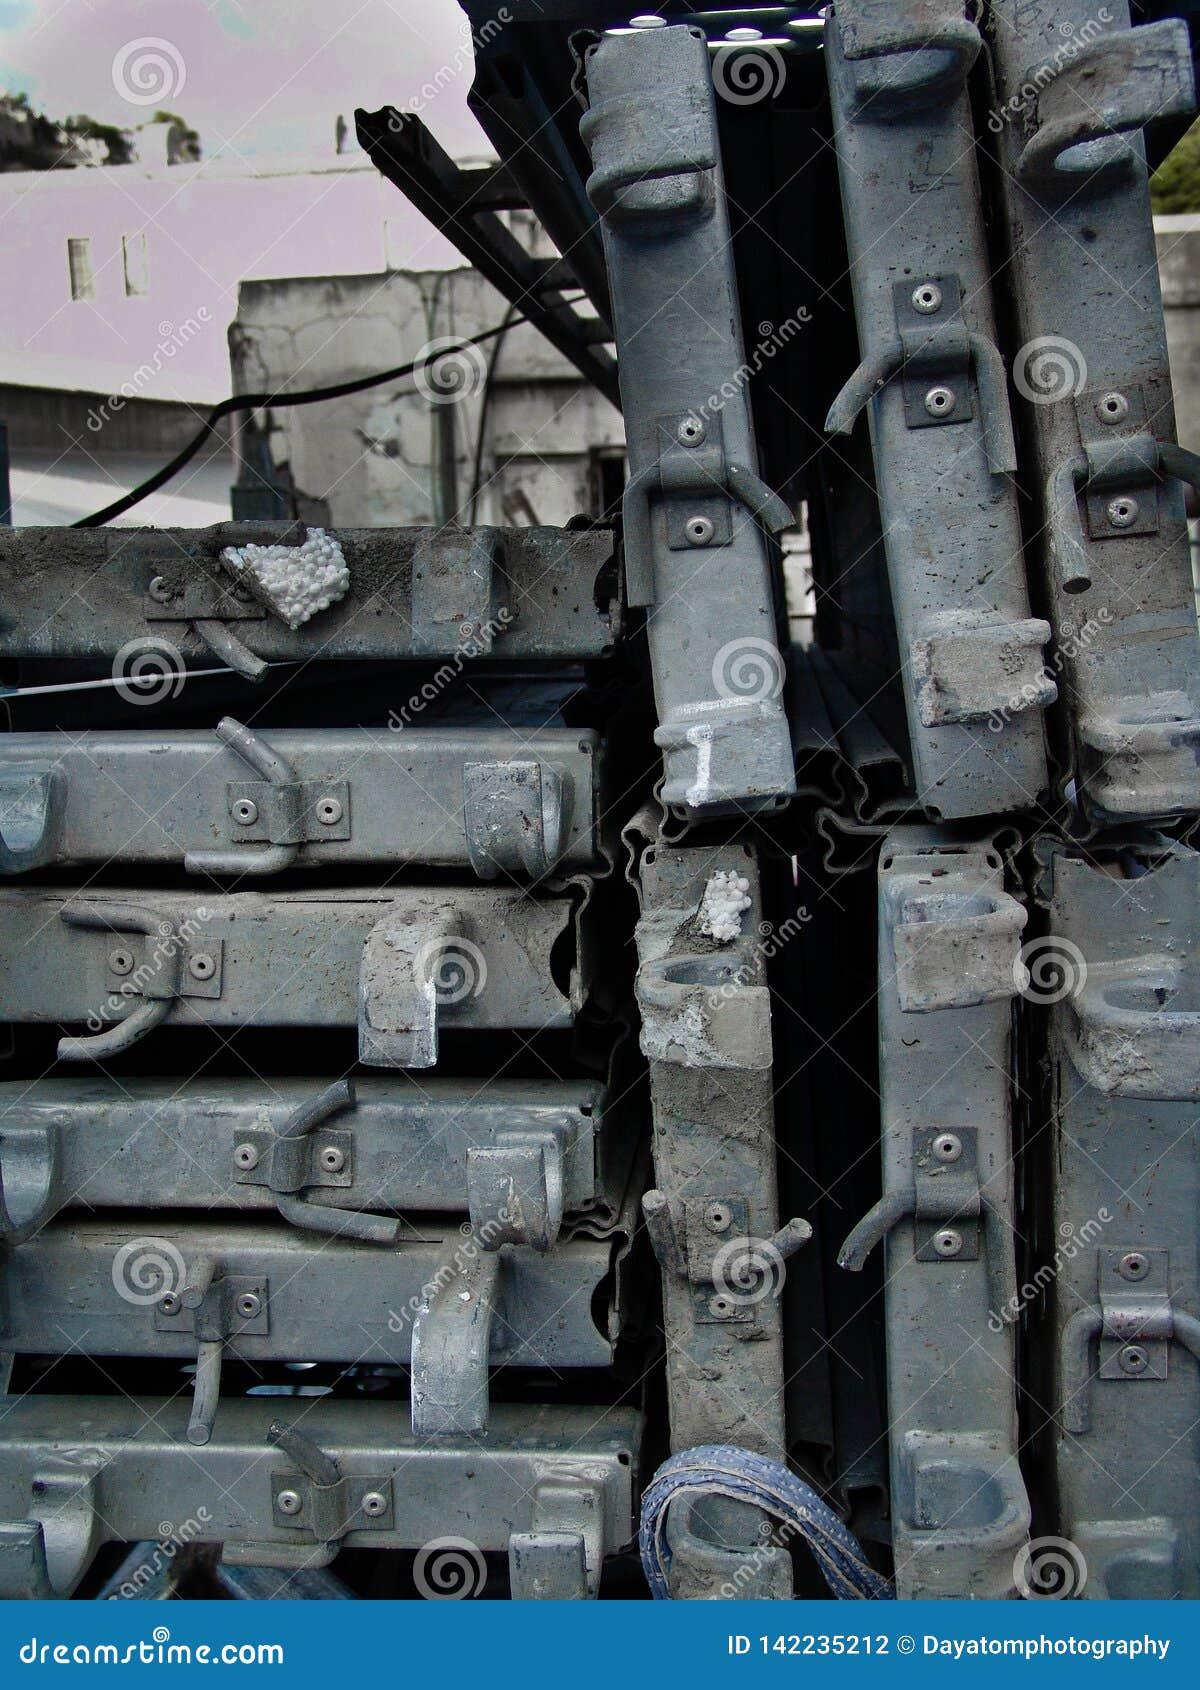 Pila di pezzi del metallo, disposta densamente, ad un cantiere urbano a luce del giorno, in bianco e nero